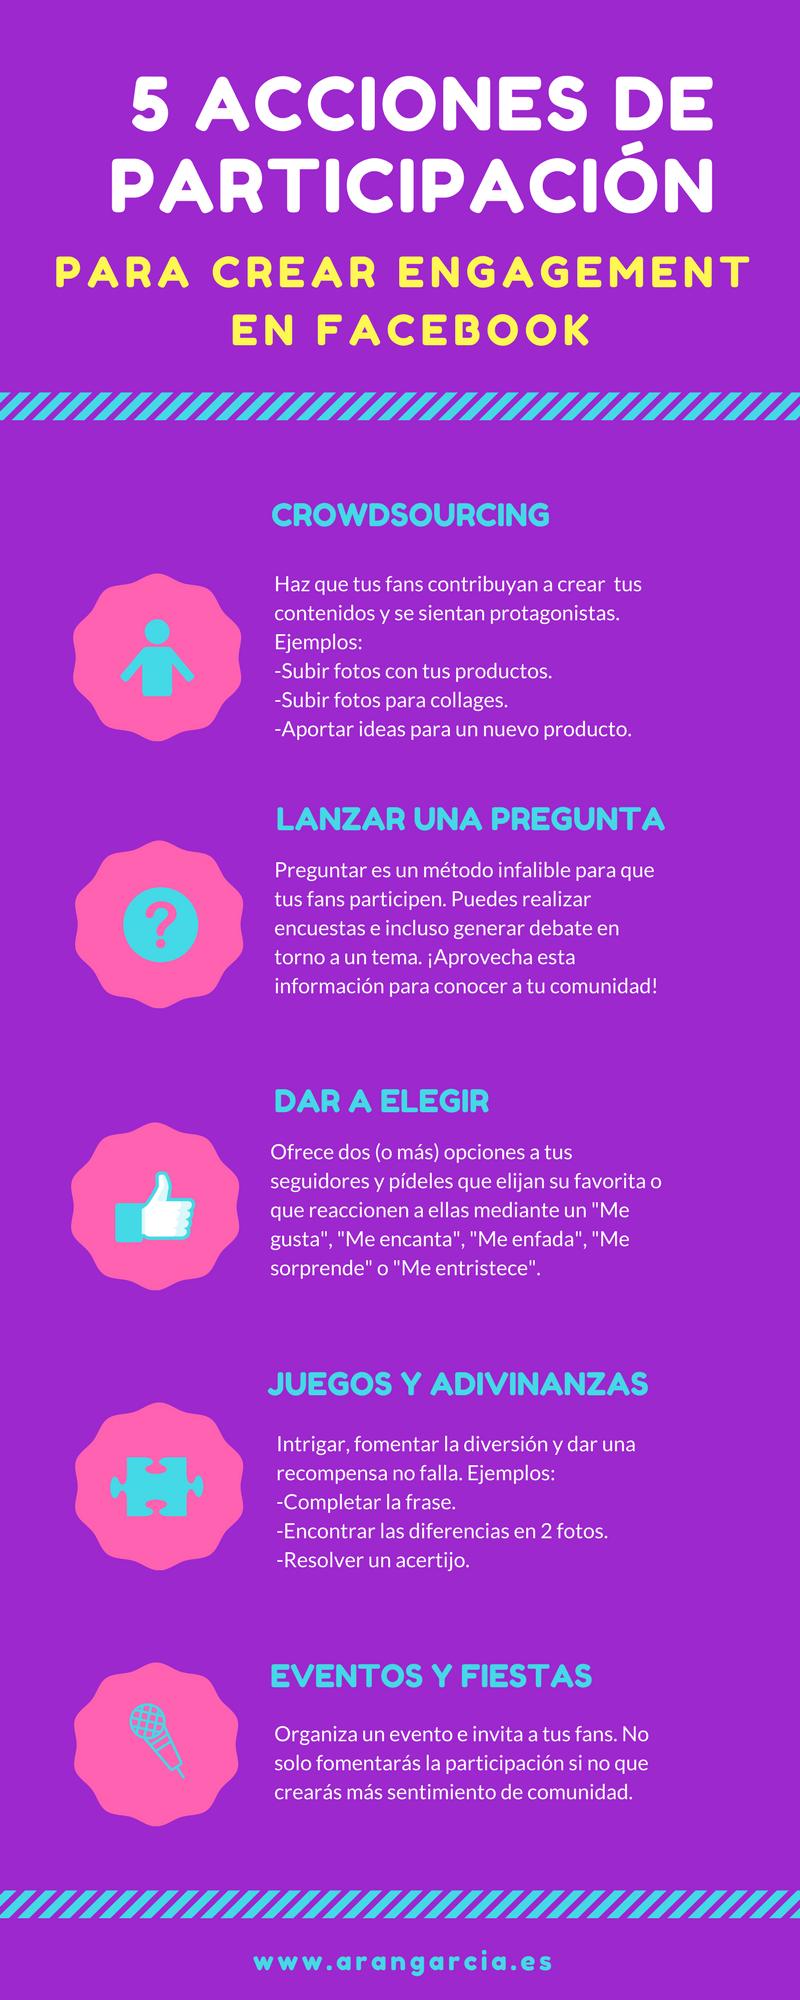 5 acciones de participación para crear engagement en Facebook